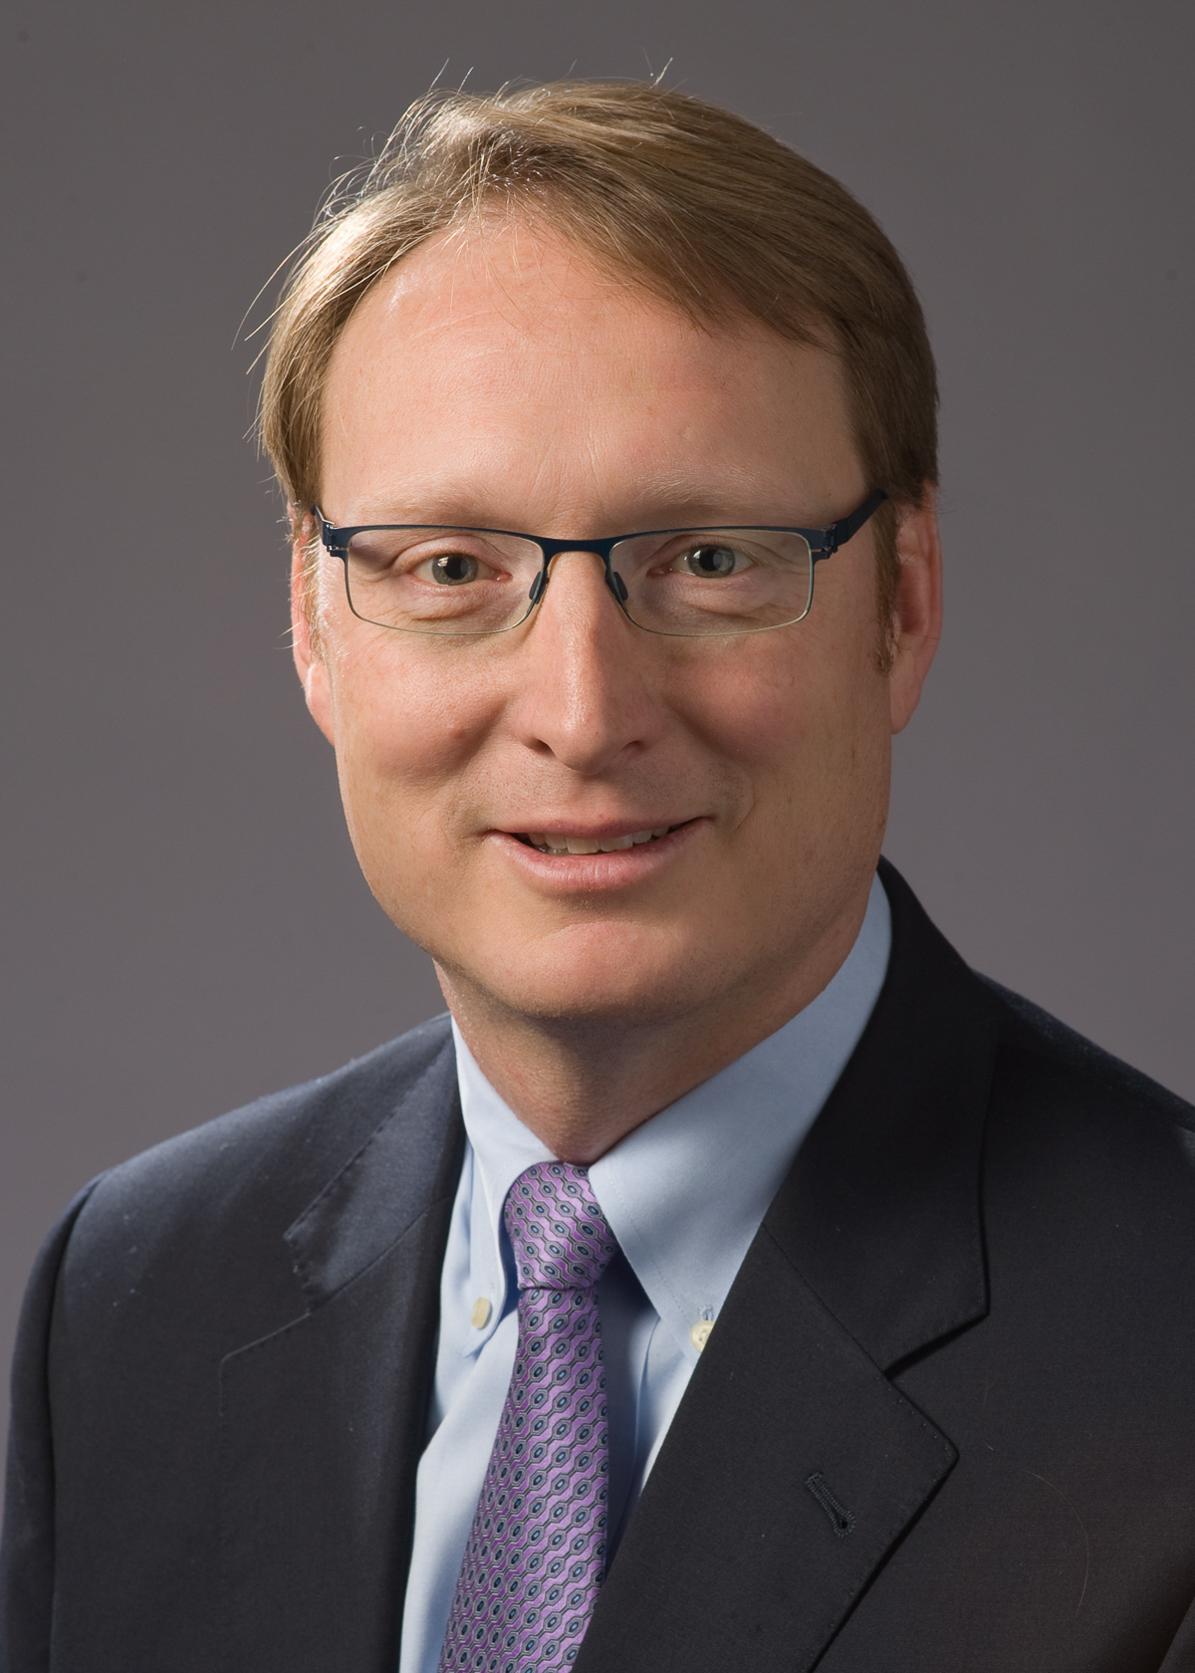 Earlon L. Seeley, III